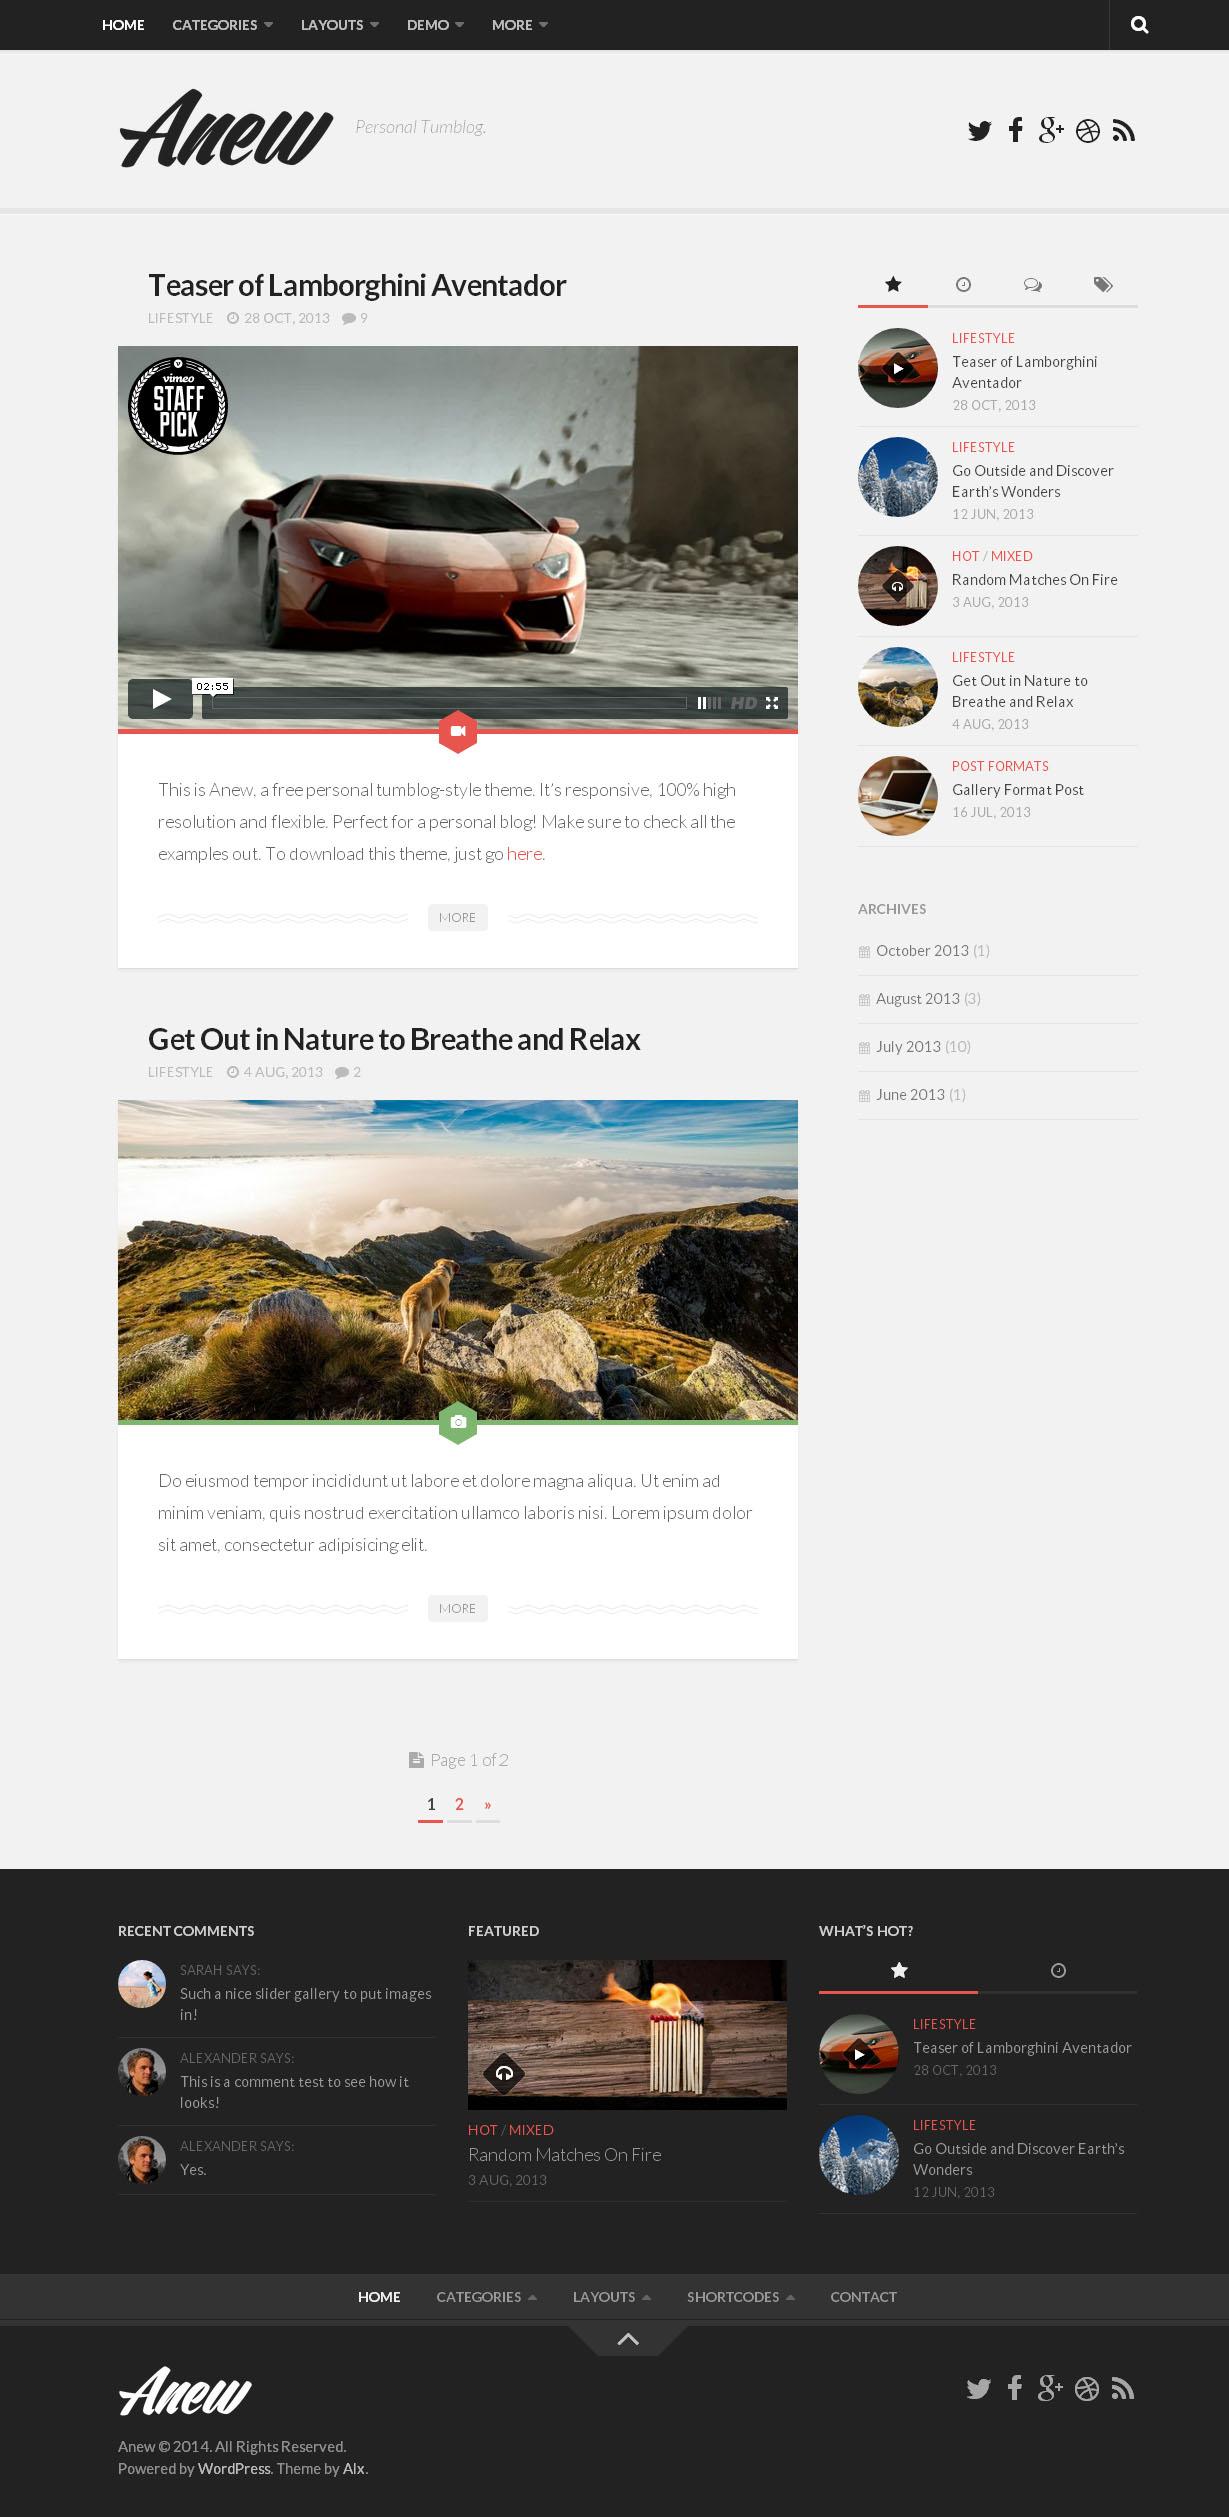 Anew   Responsive Tumblr Style Free WordPress Theme